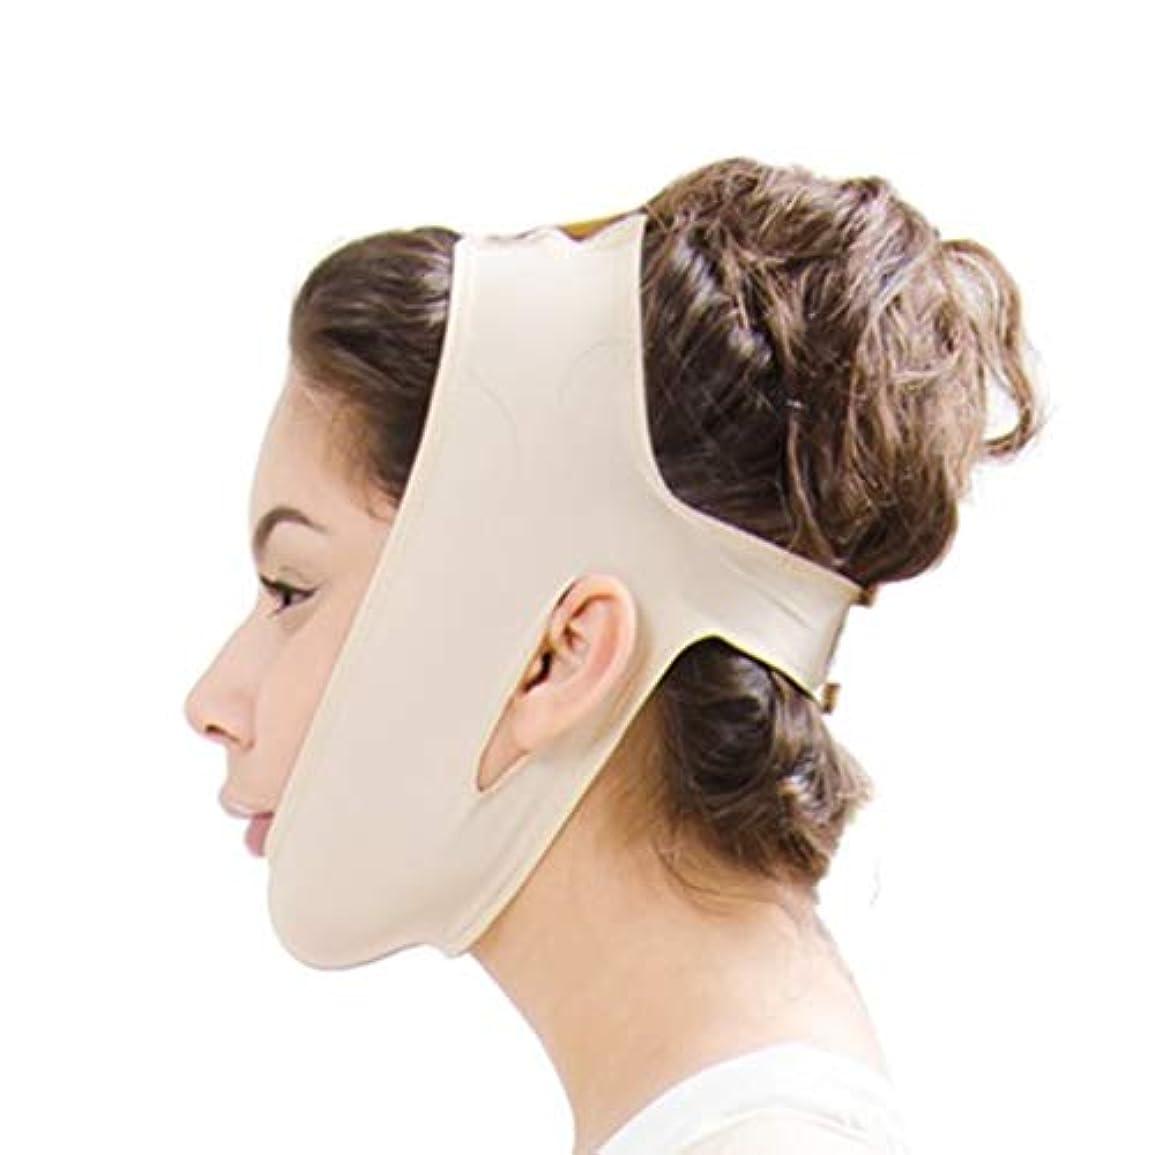 不正確ストレッチ灰フェイスリフトマスク、圧縮後の顎顔面二重あご化粧品脂肪吸引小さな顔包帯弾性ヘッドギア (Size : S)